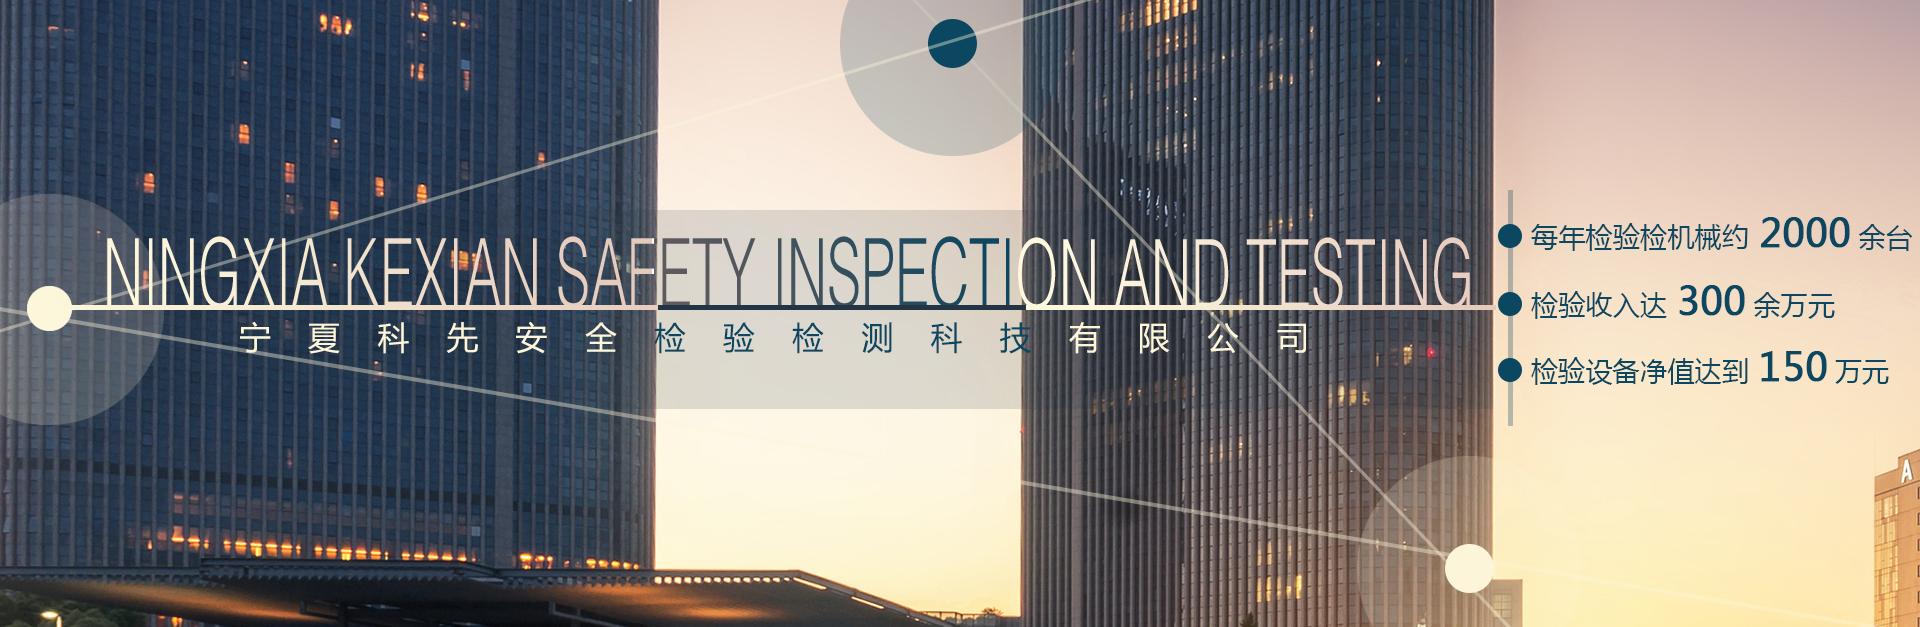 建筑起重机械安全检测